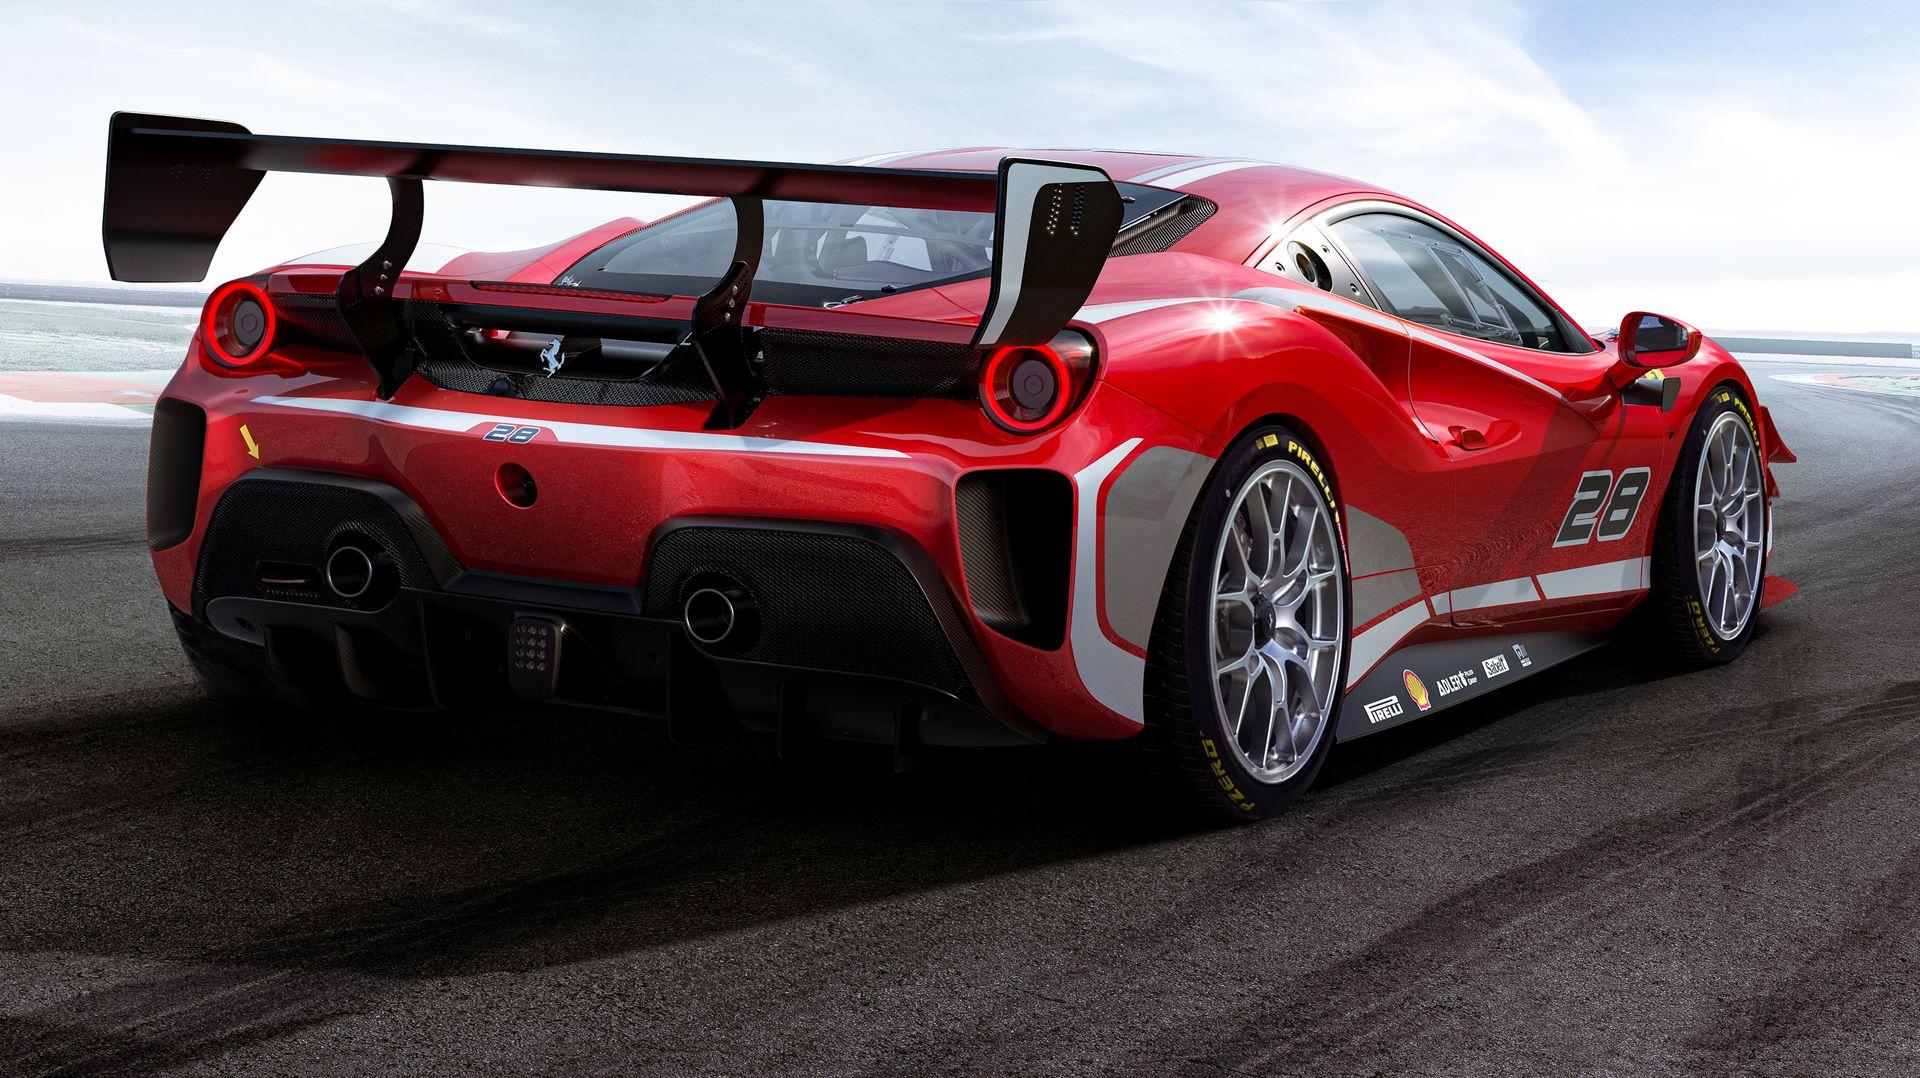 Ferrari-488-Challenge-Evo-3